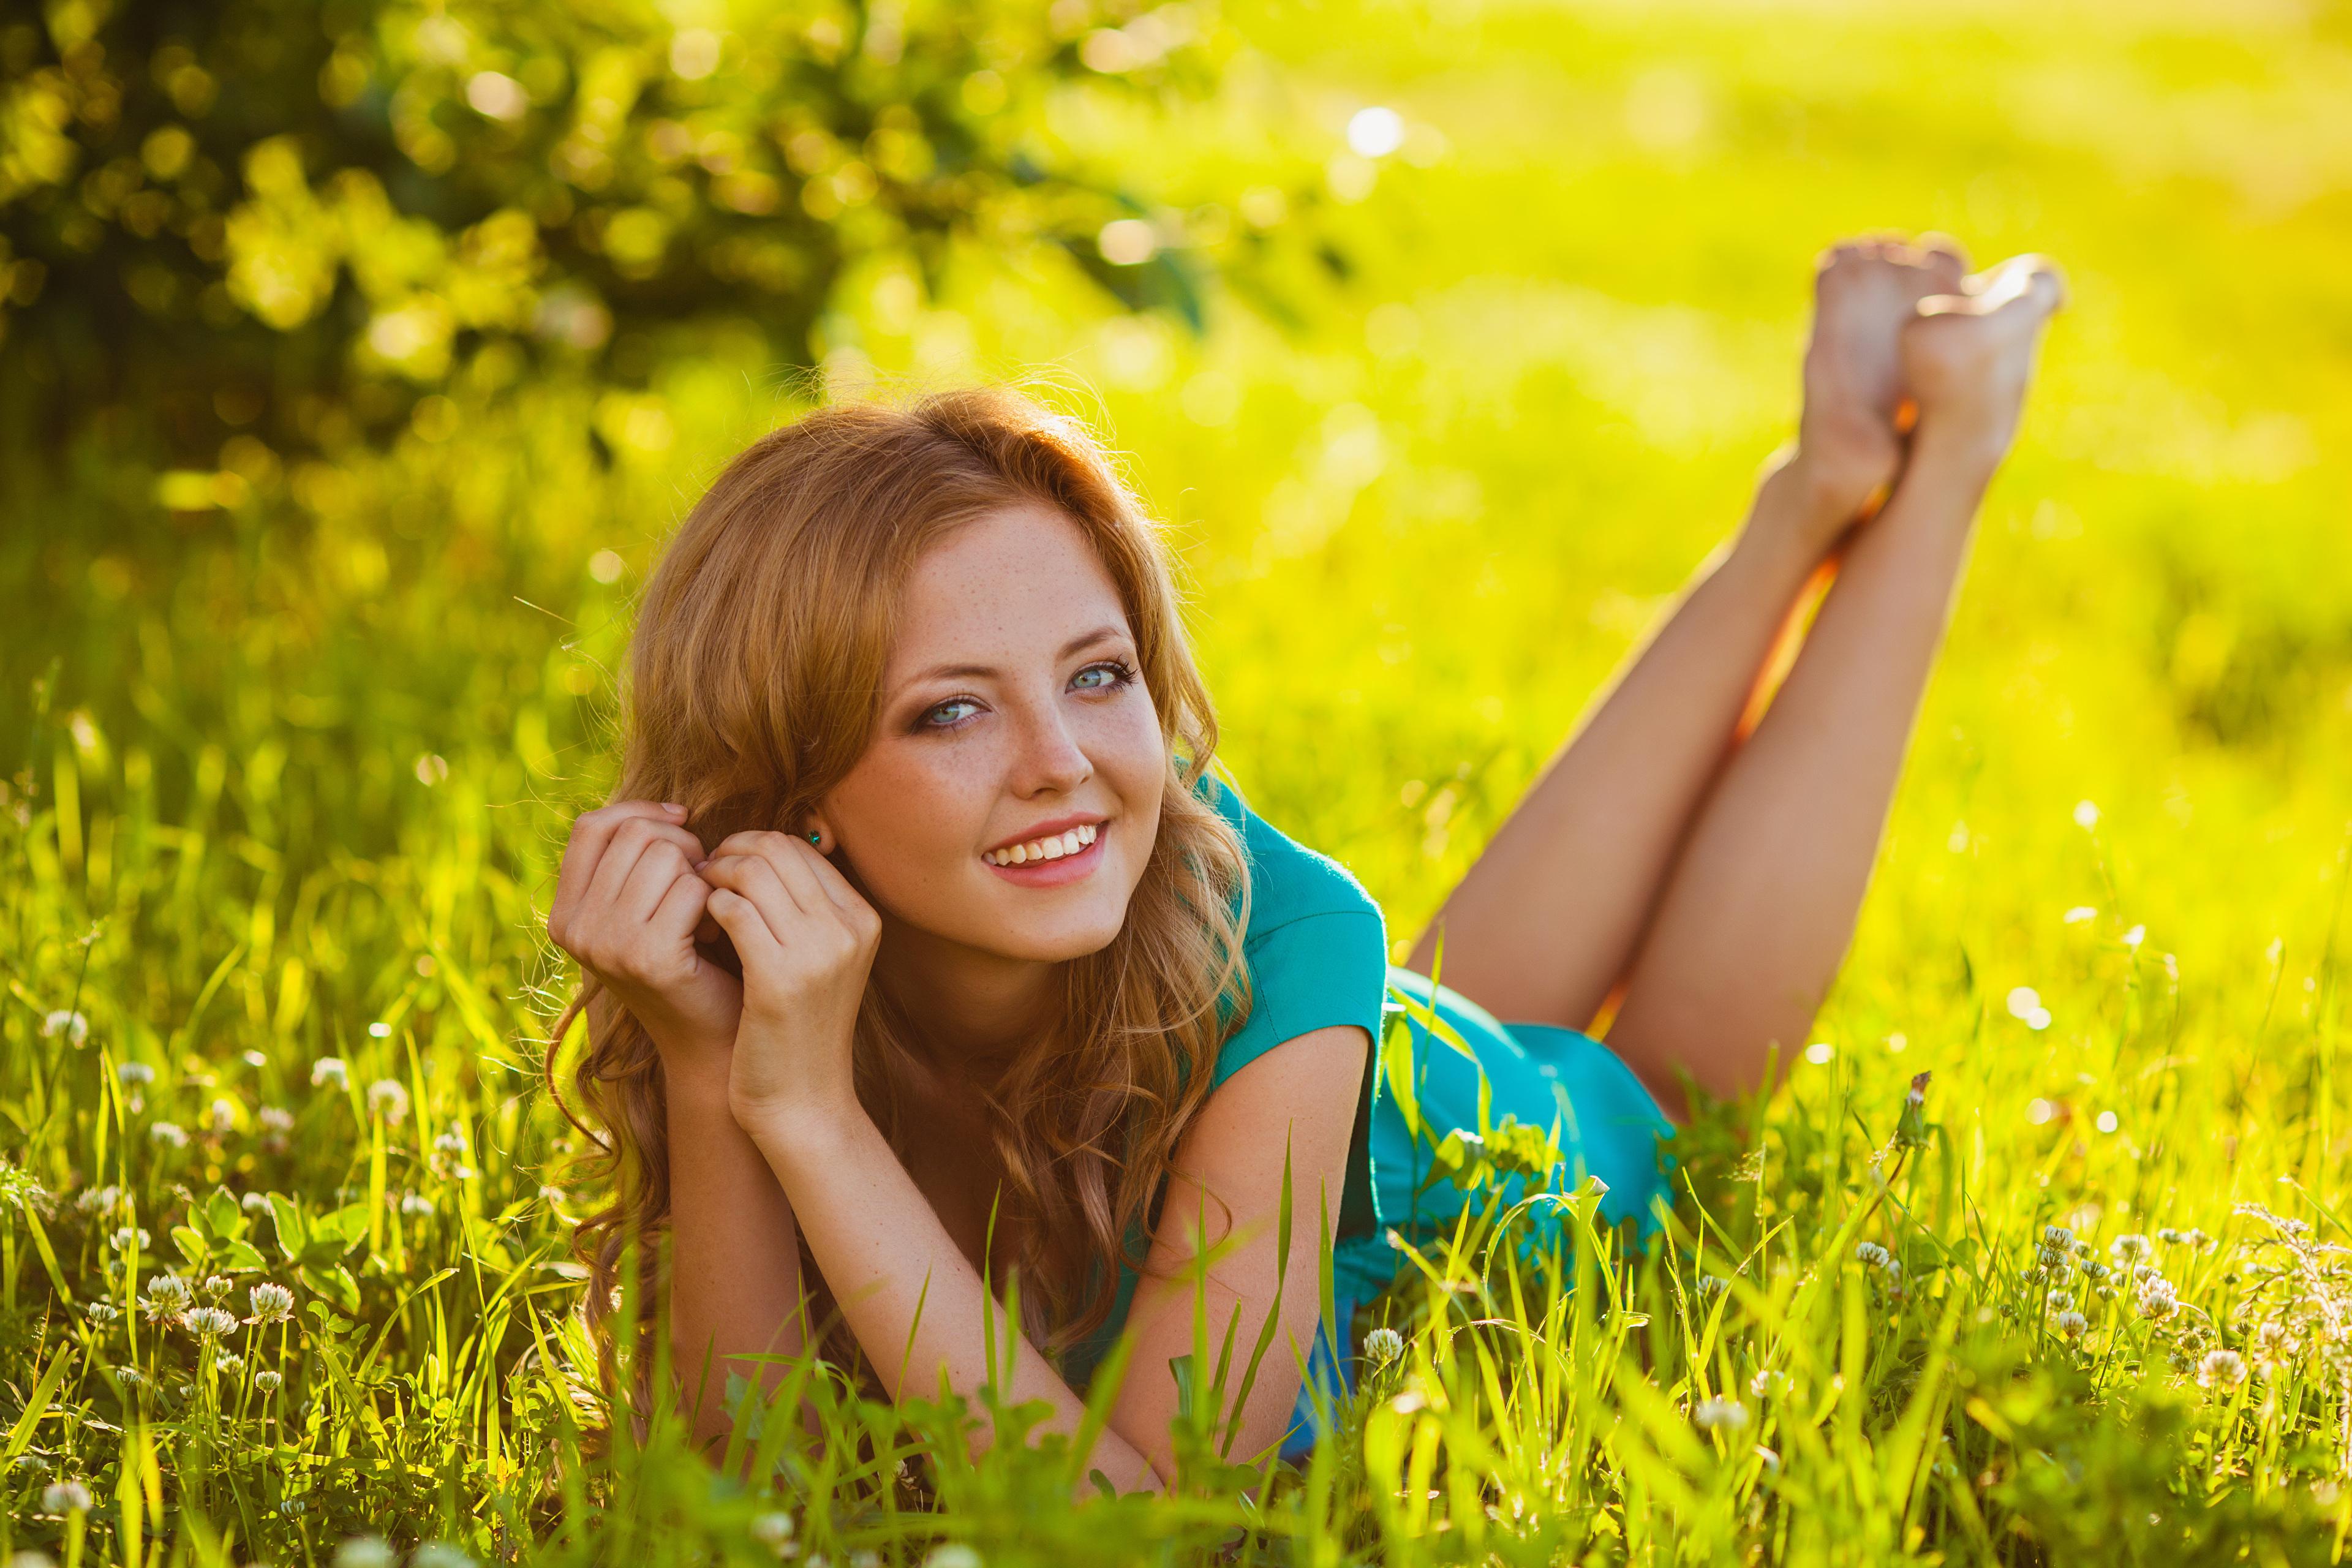 Картинка Улыбка лежат девушка Ноги Руки Трава Взгляд 3840x2560 улыбается лежа Лежит лежачие Девушки молодая женщина молодые женщины ног рука траве смотрит смотрят